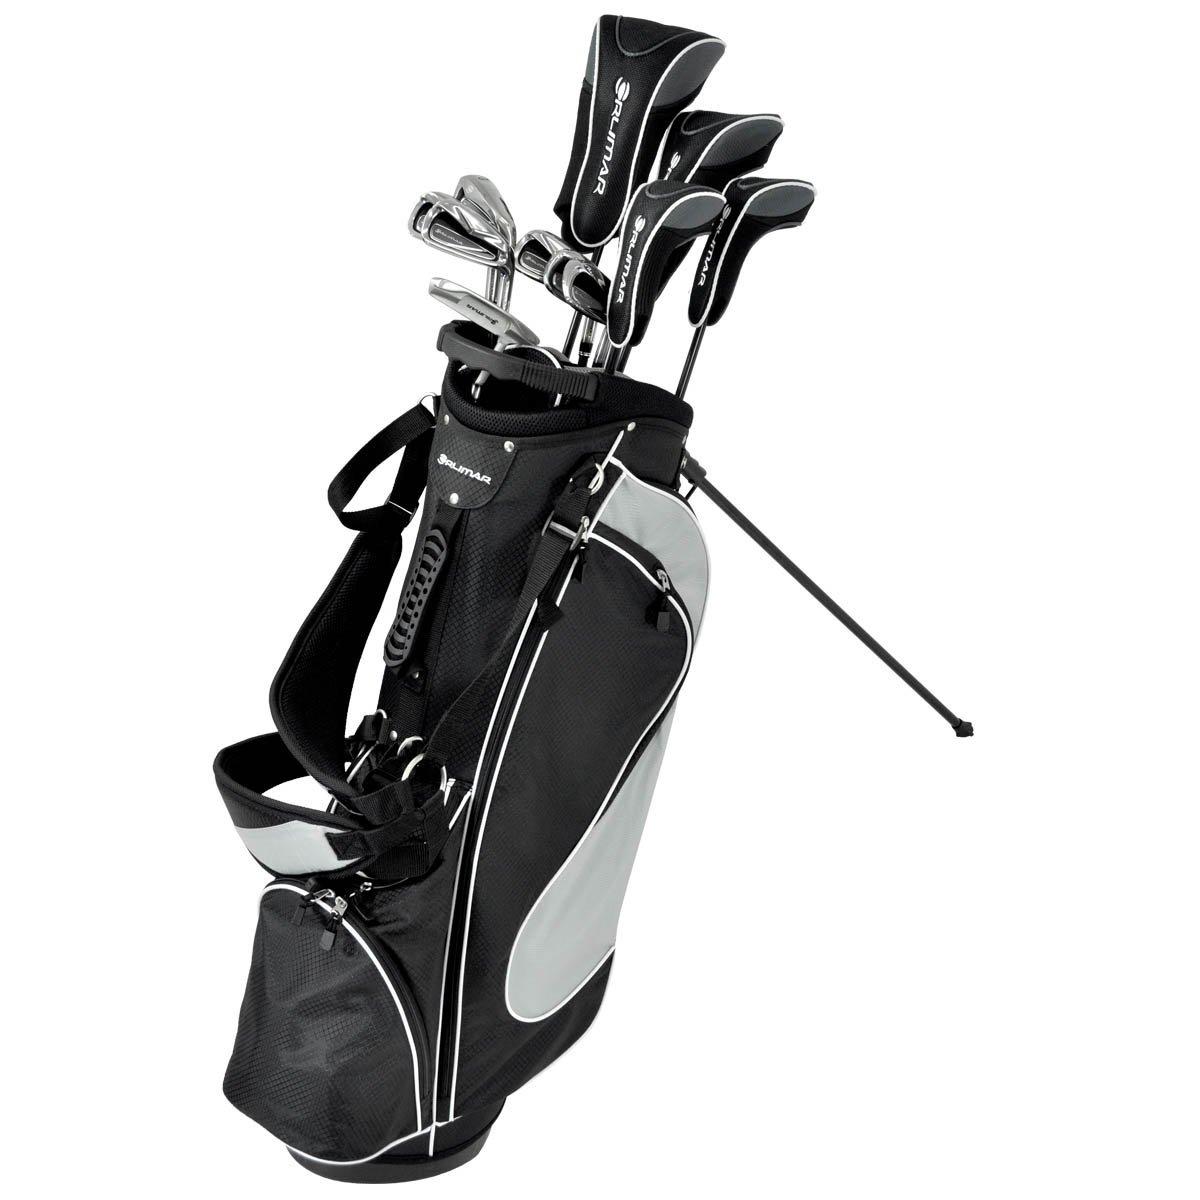 Mens Orlimar Spectrum Complete Golf Club Sets